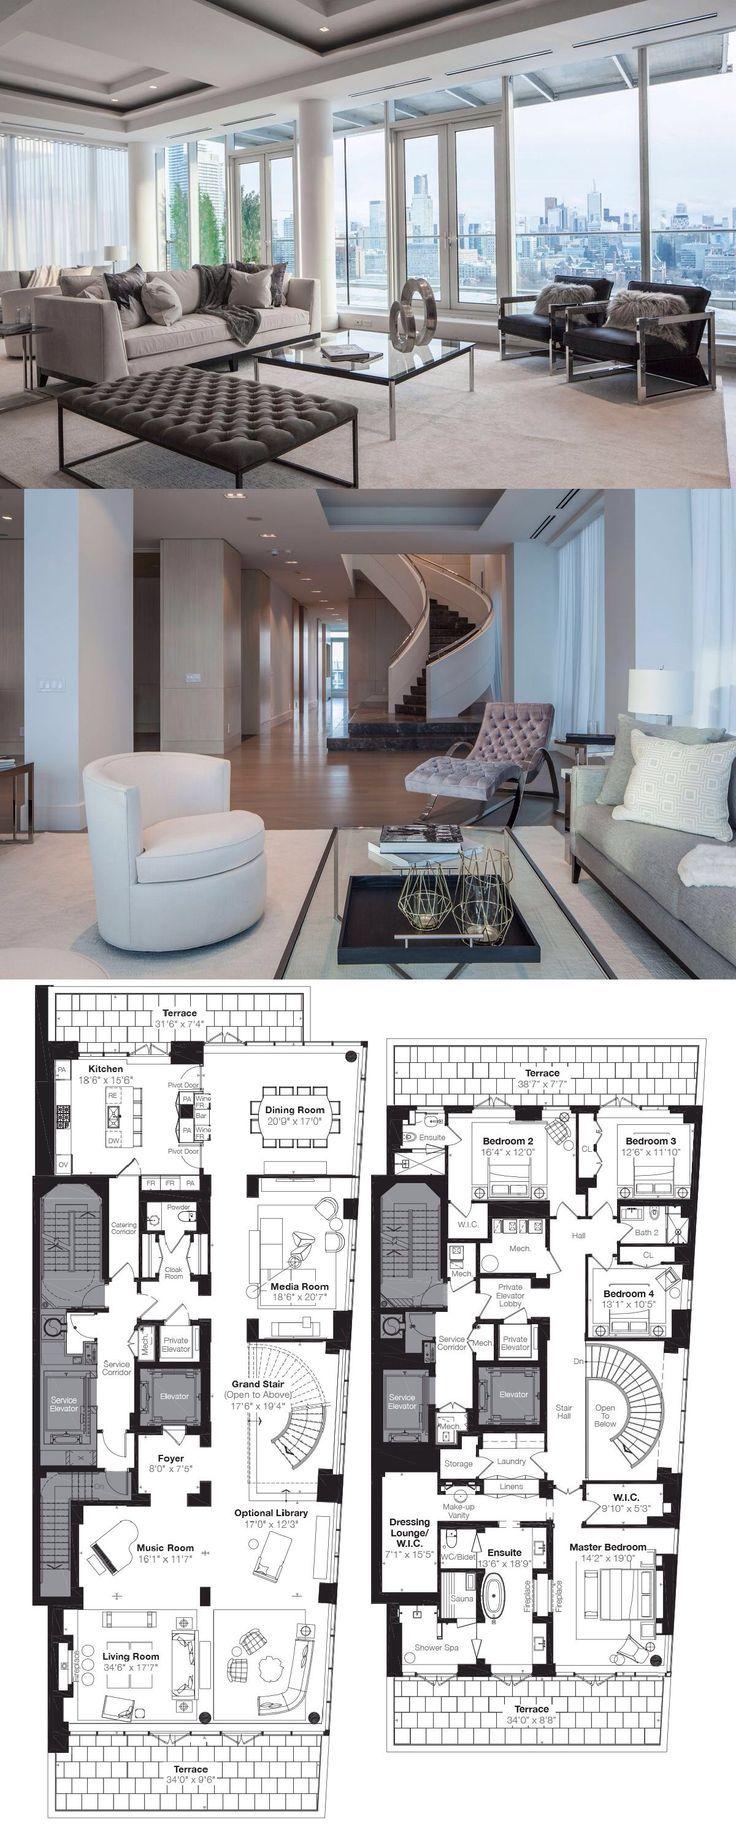 Museum House Toronto Penthouse Luxury Floor Plans Condo Floor